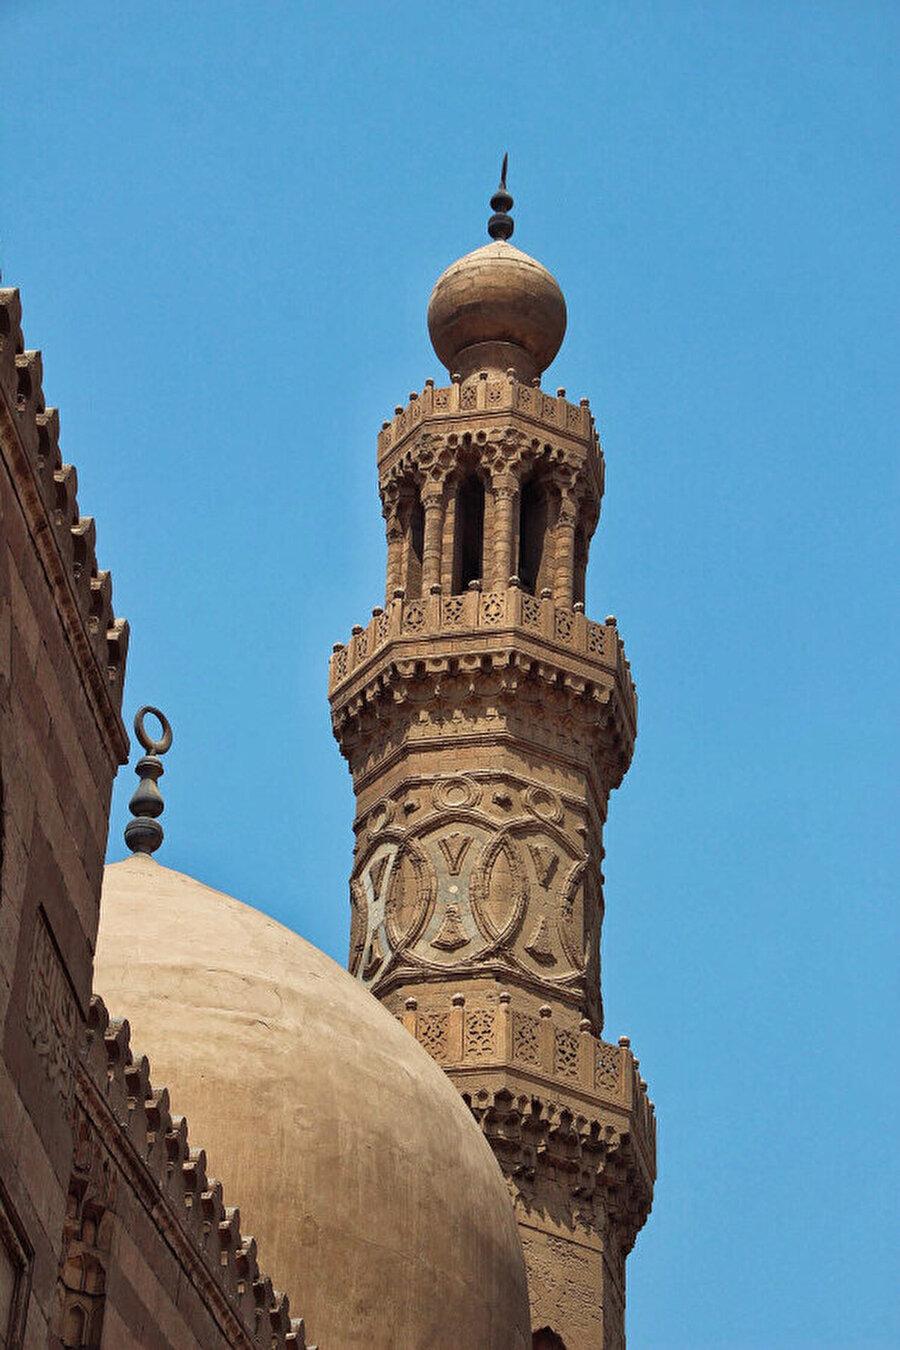 Sultan Berkuk Medresesi'nin minaresi de yine göz kamaştırıyor.